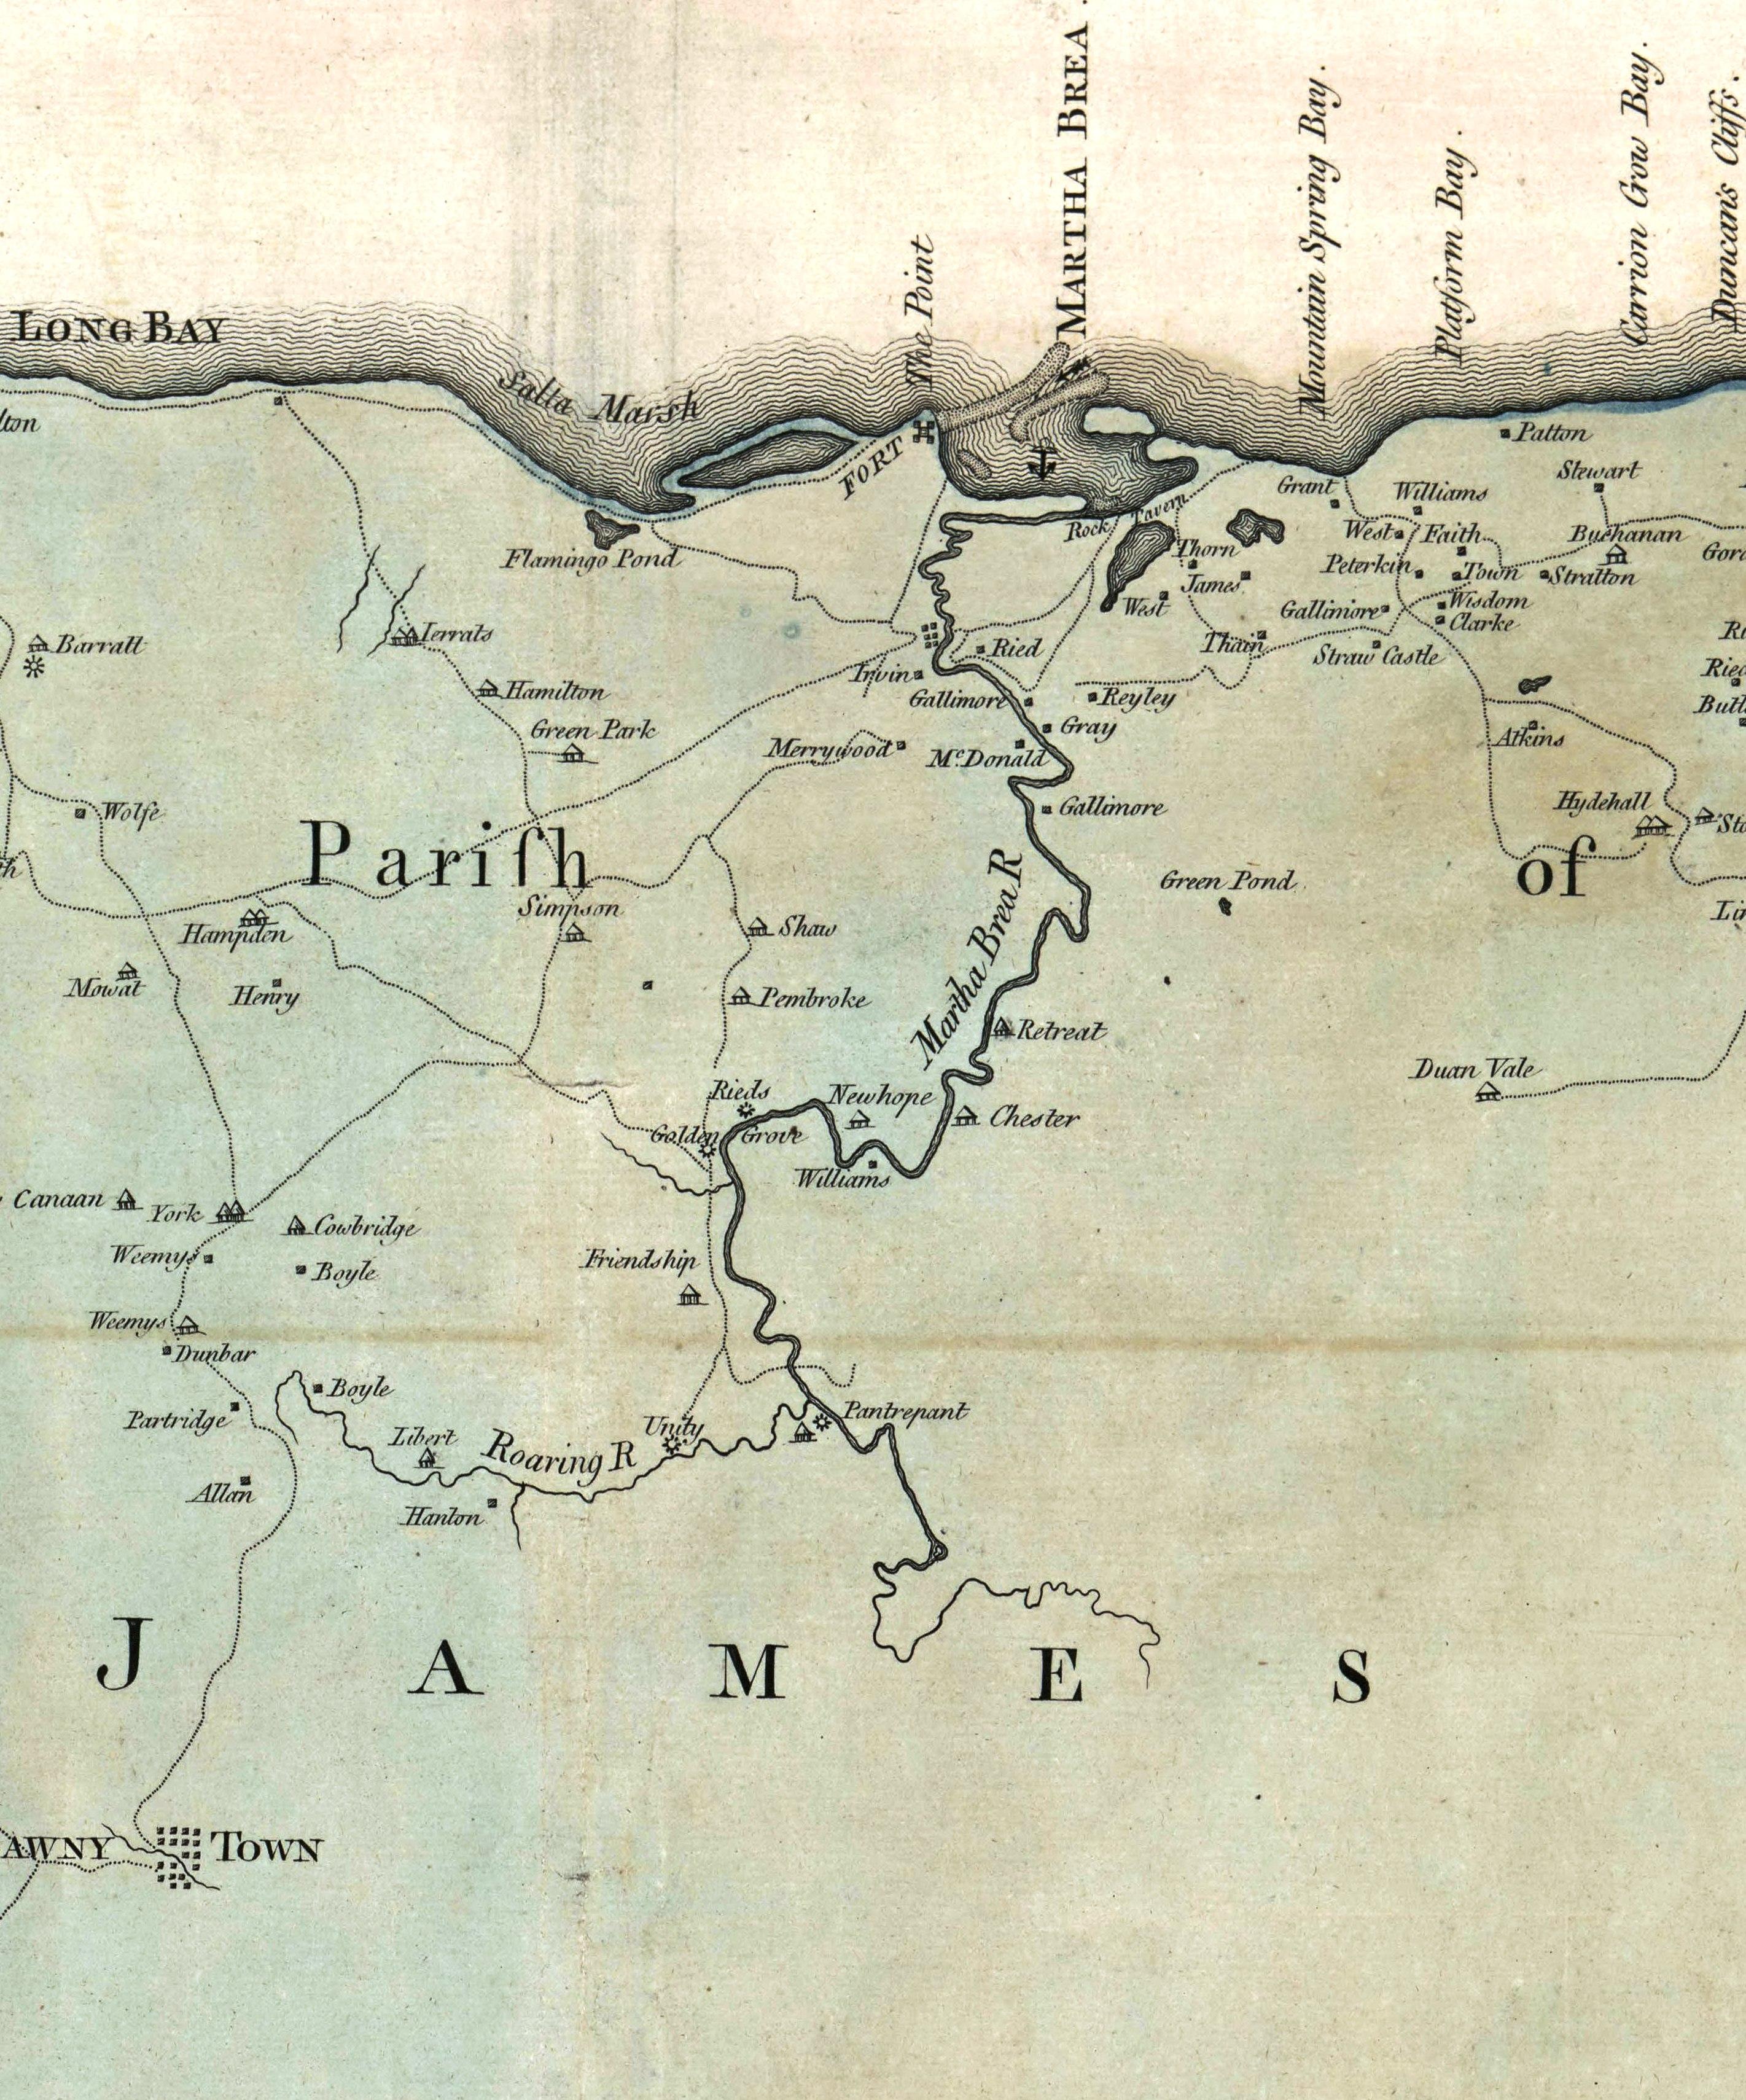 Craskell & Simpson 1763